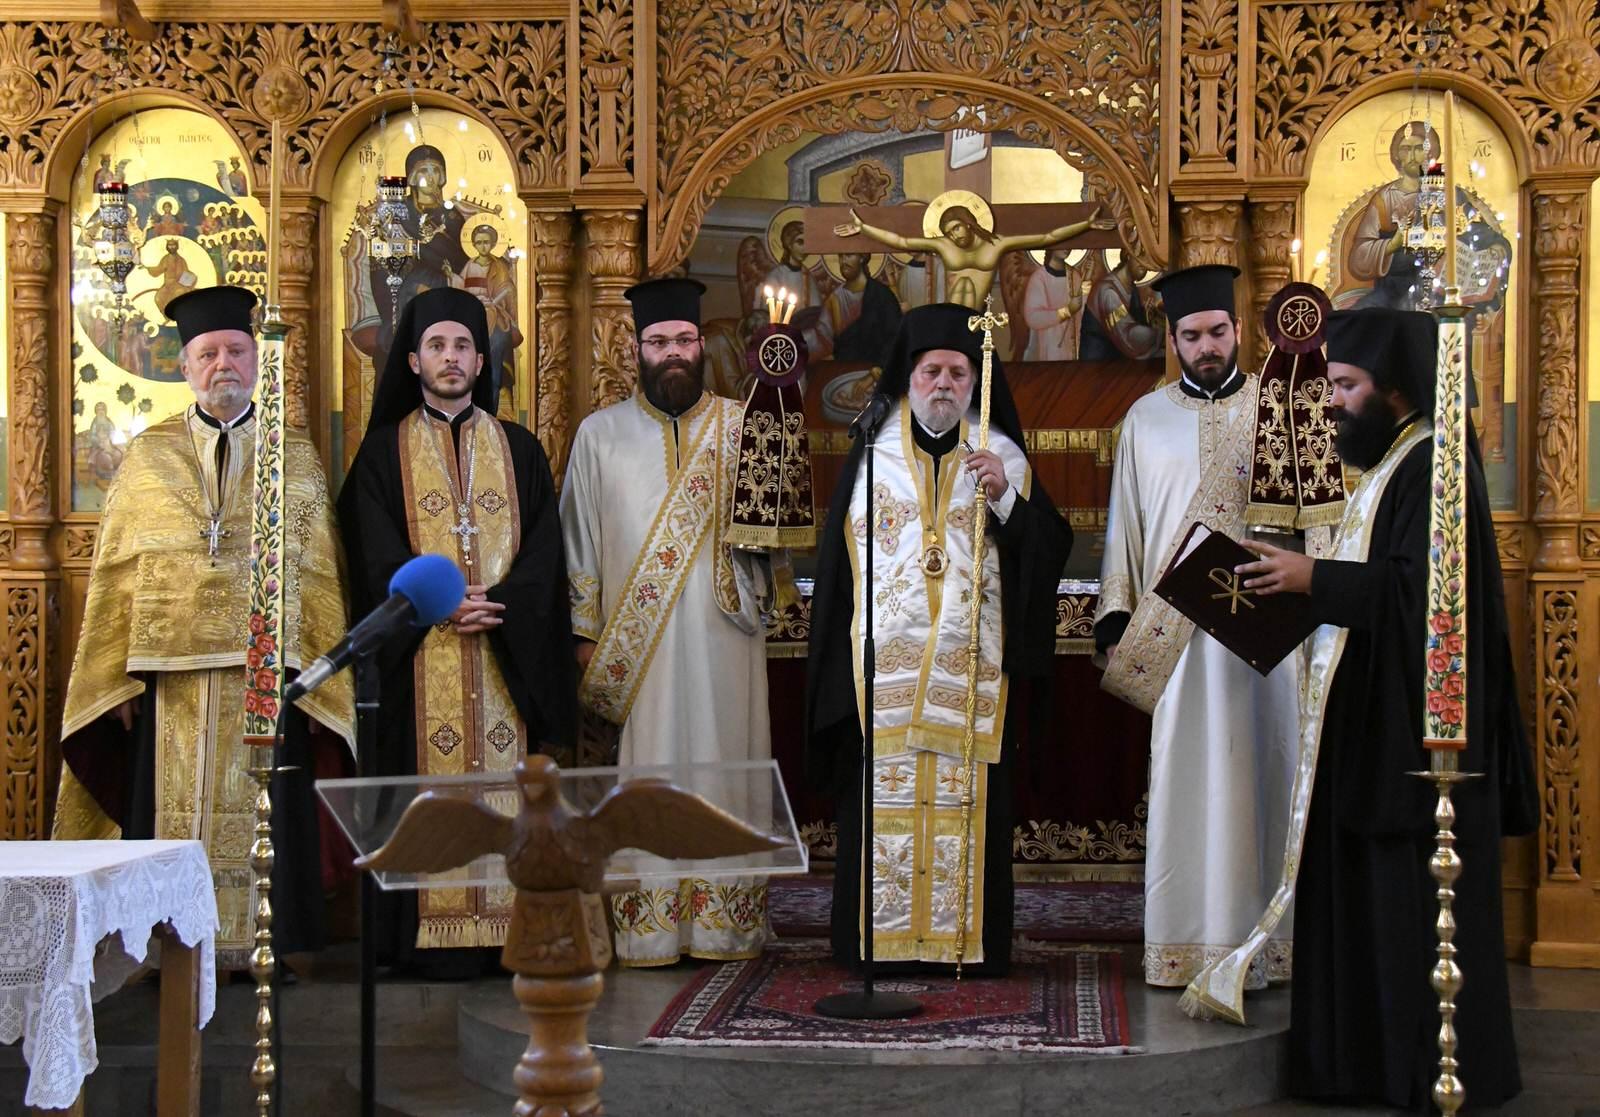 Ημέρα Μνήμης Κωνσταντίνου Καραθεοδωρή